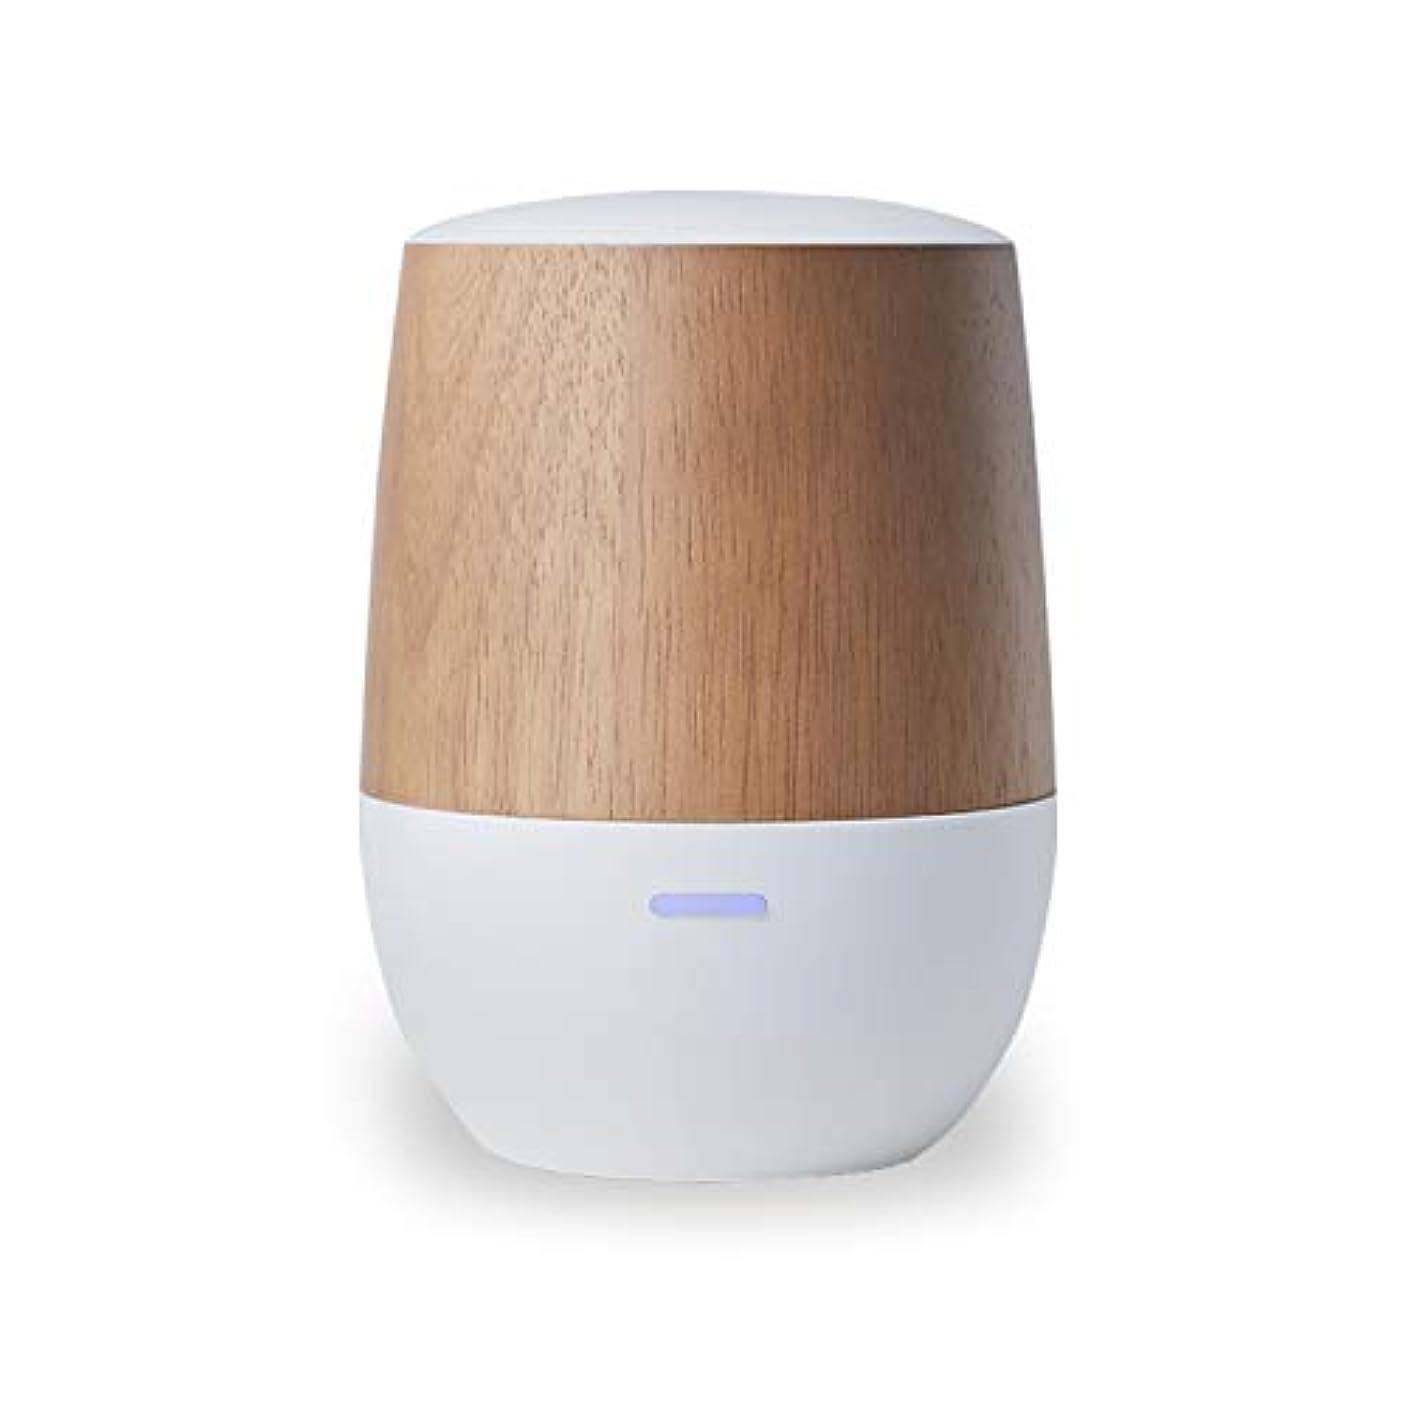 流出検索エンジンマーケティング石のLOWYA(ロウヤ)アロマディフューザー 水を使わない ネプライザー式 USB 木目 小型 1年保証 アロマオイル対応 ホワイト/ウッド